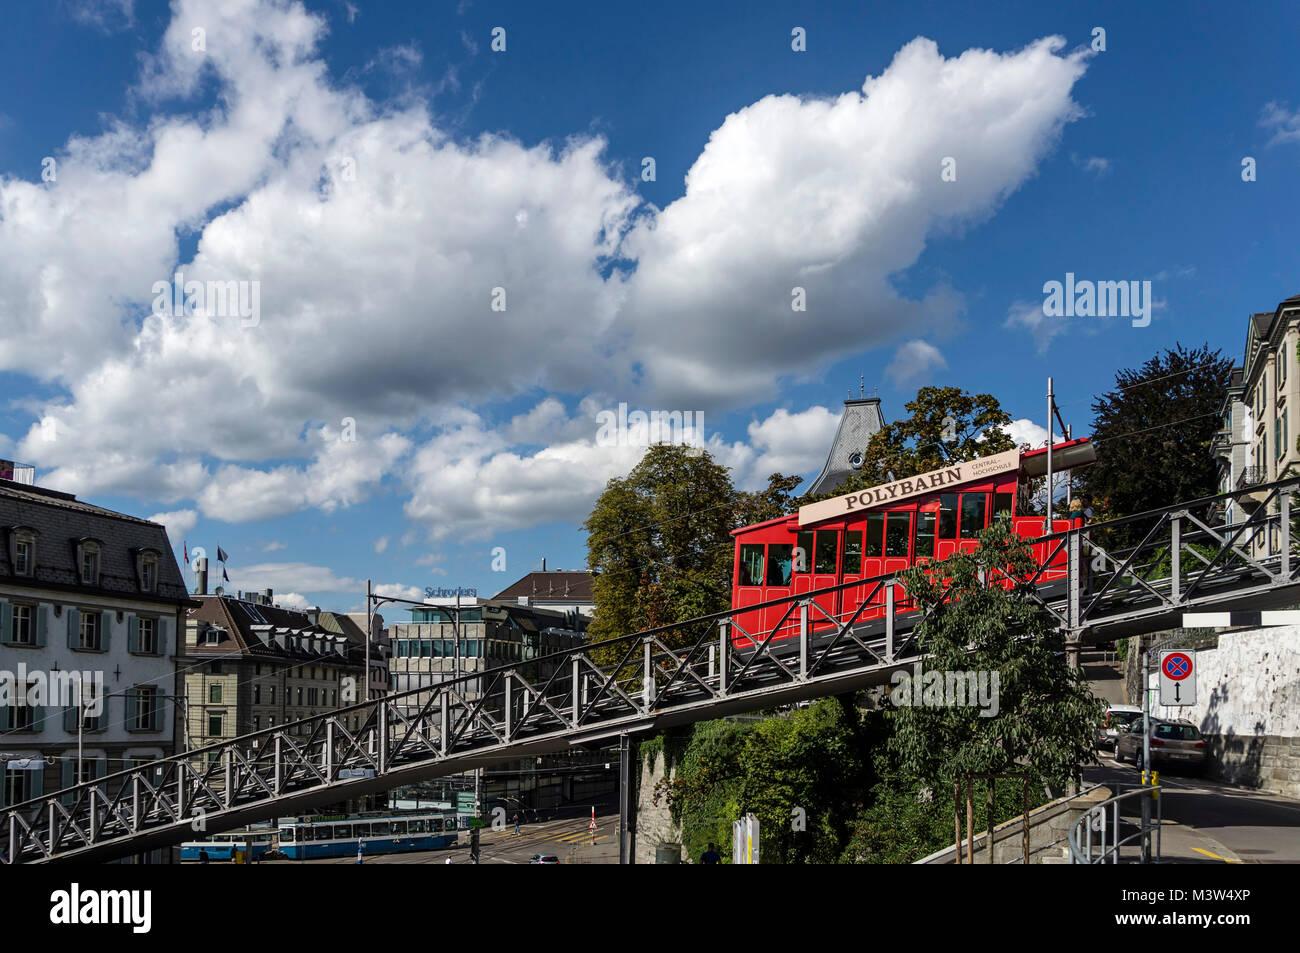 Polybahn at Central, Zurich, Switzerland - Stock Image